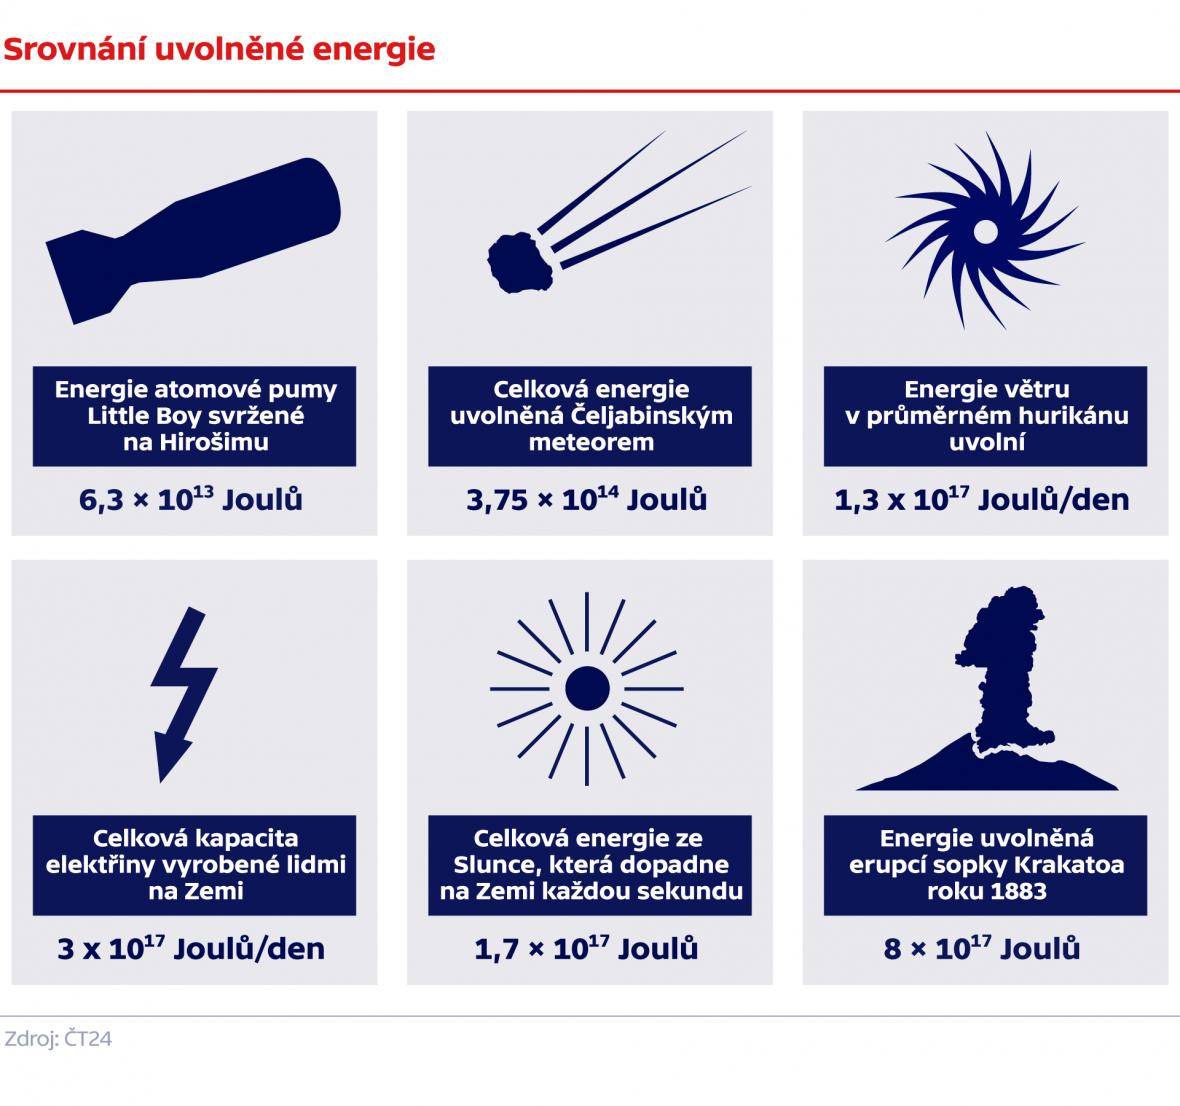 Srovnání uvolněné energie